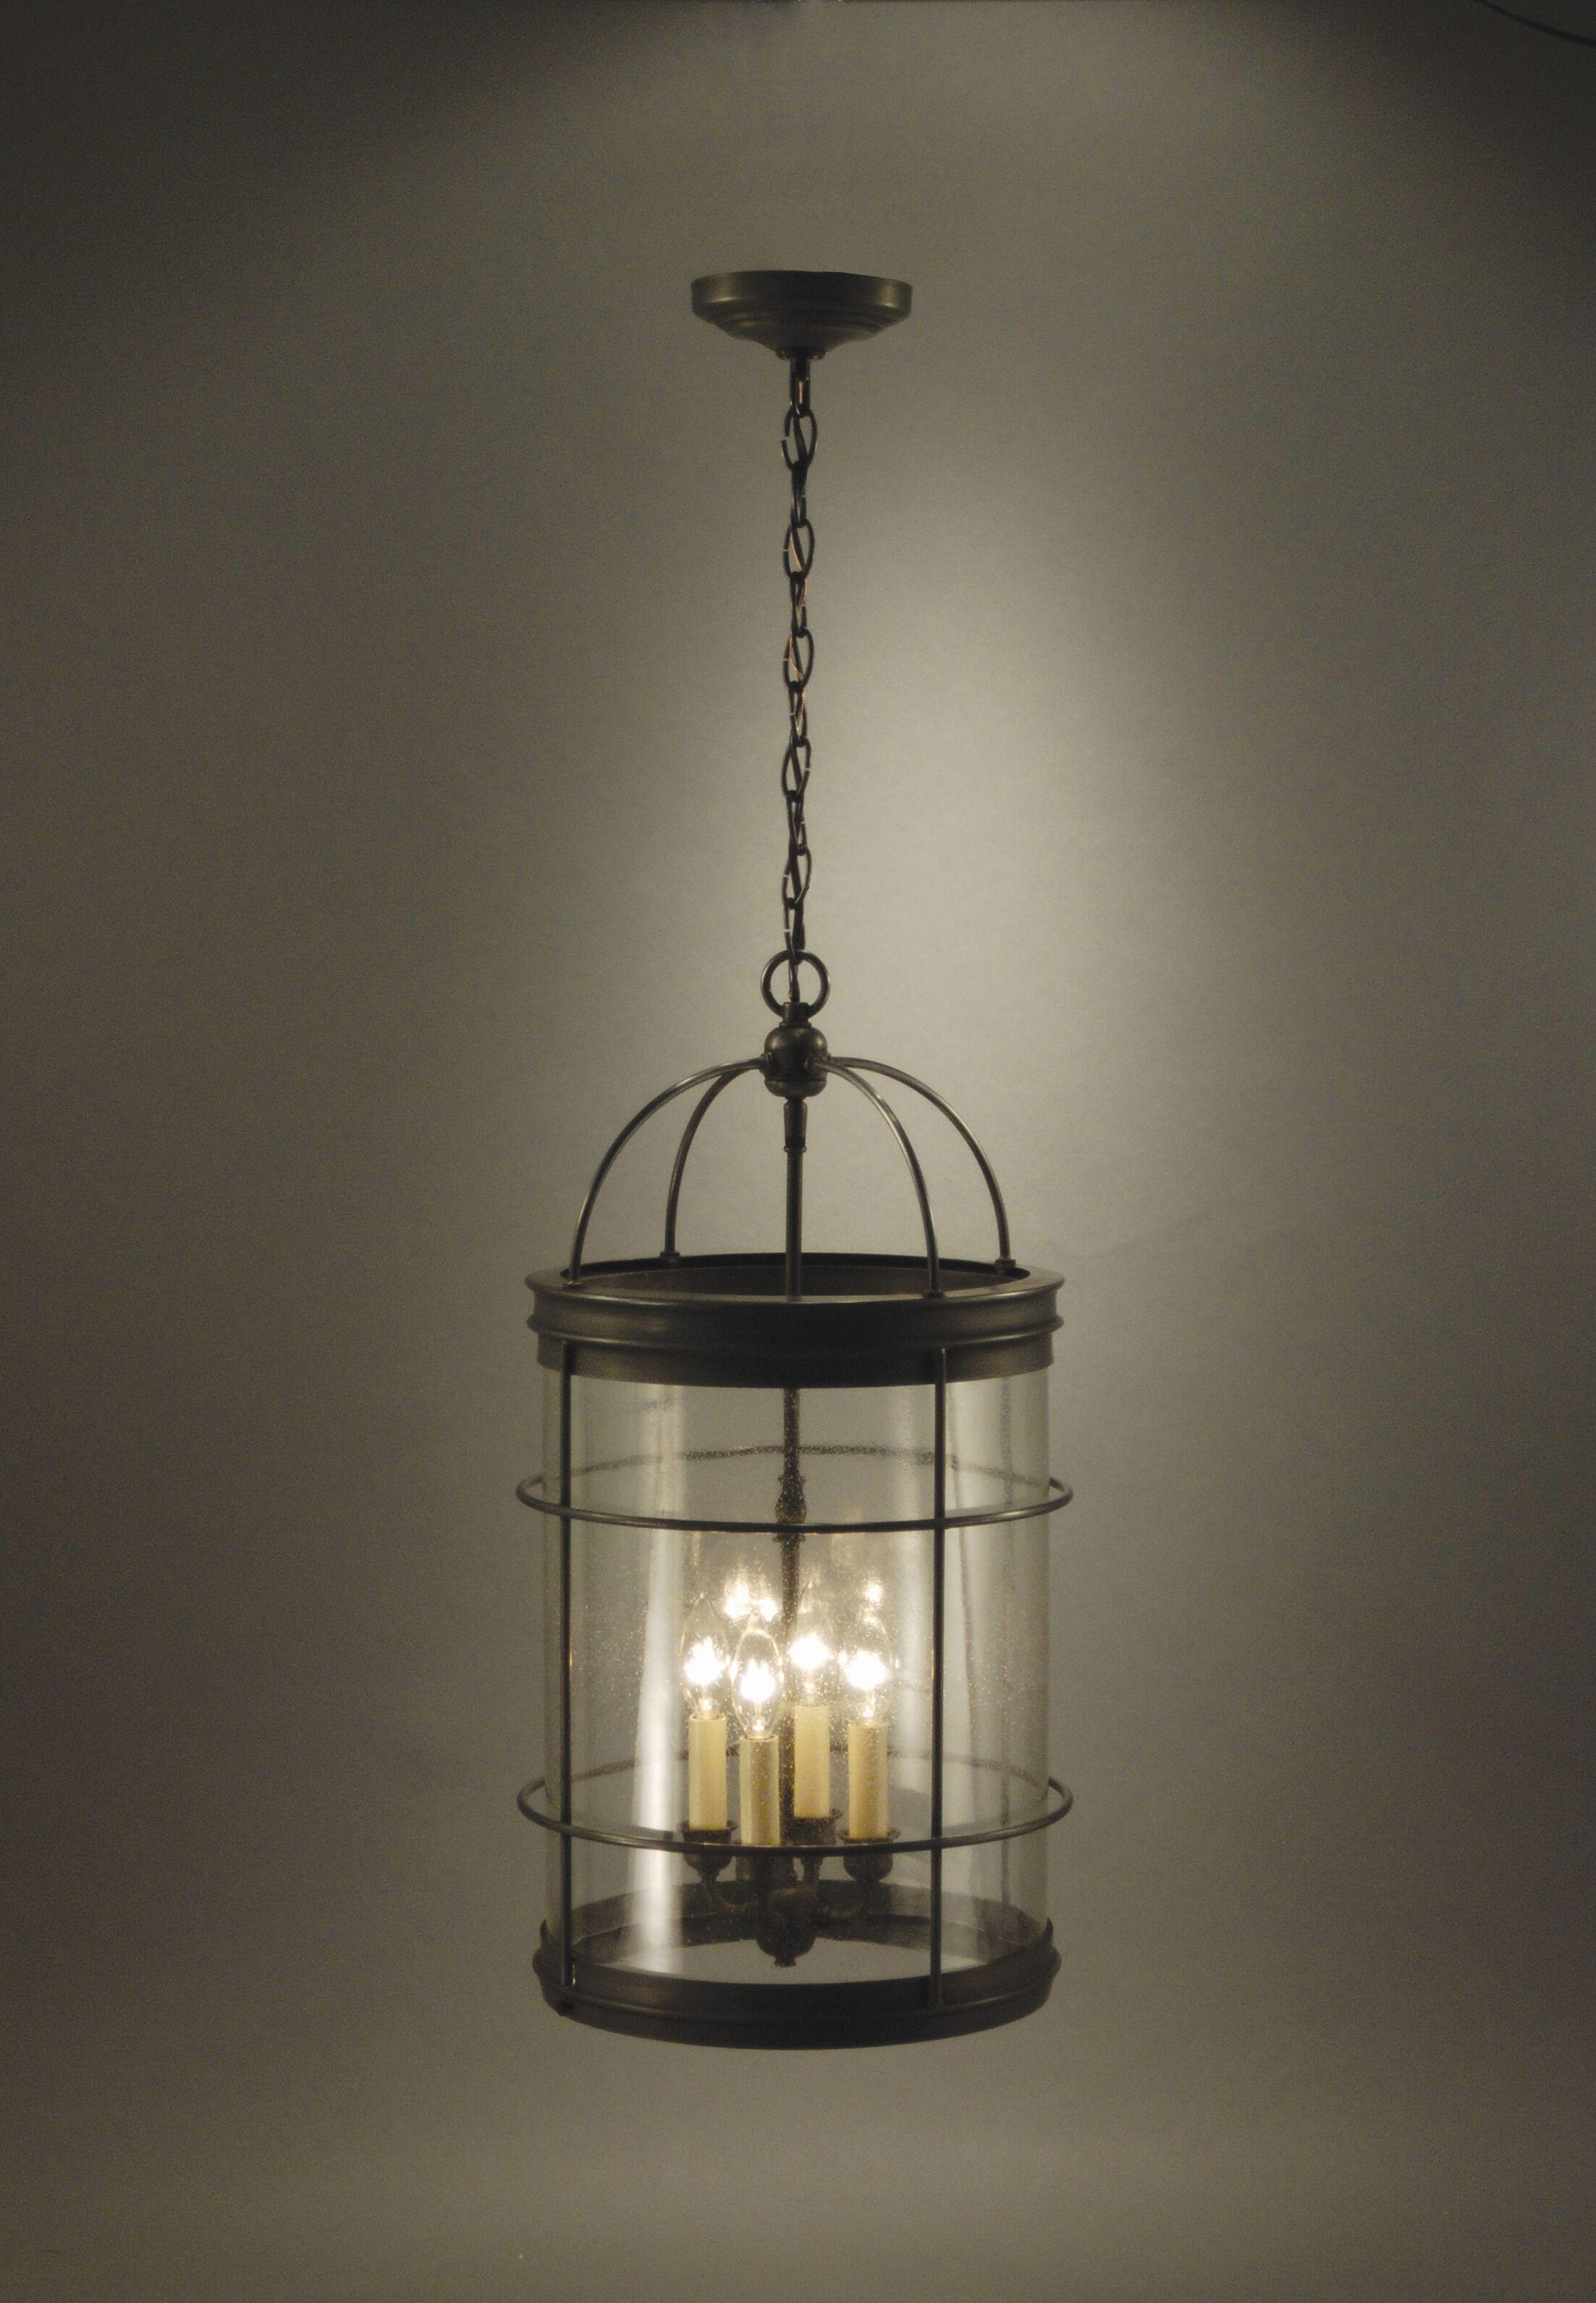 Chandelier 4-Light Foyer Pendant Finish: Verdi Gris, Glass Type: Clear